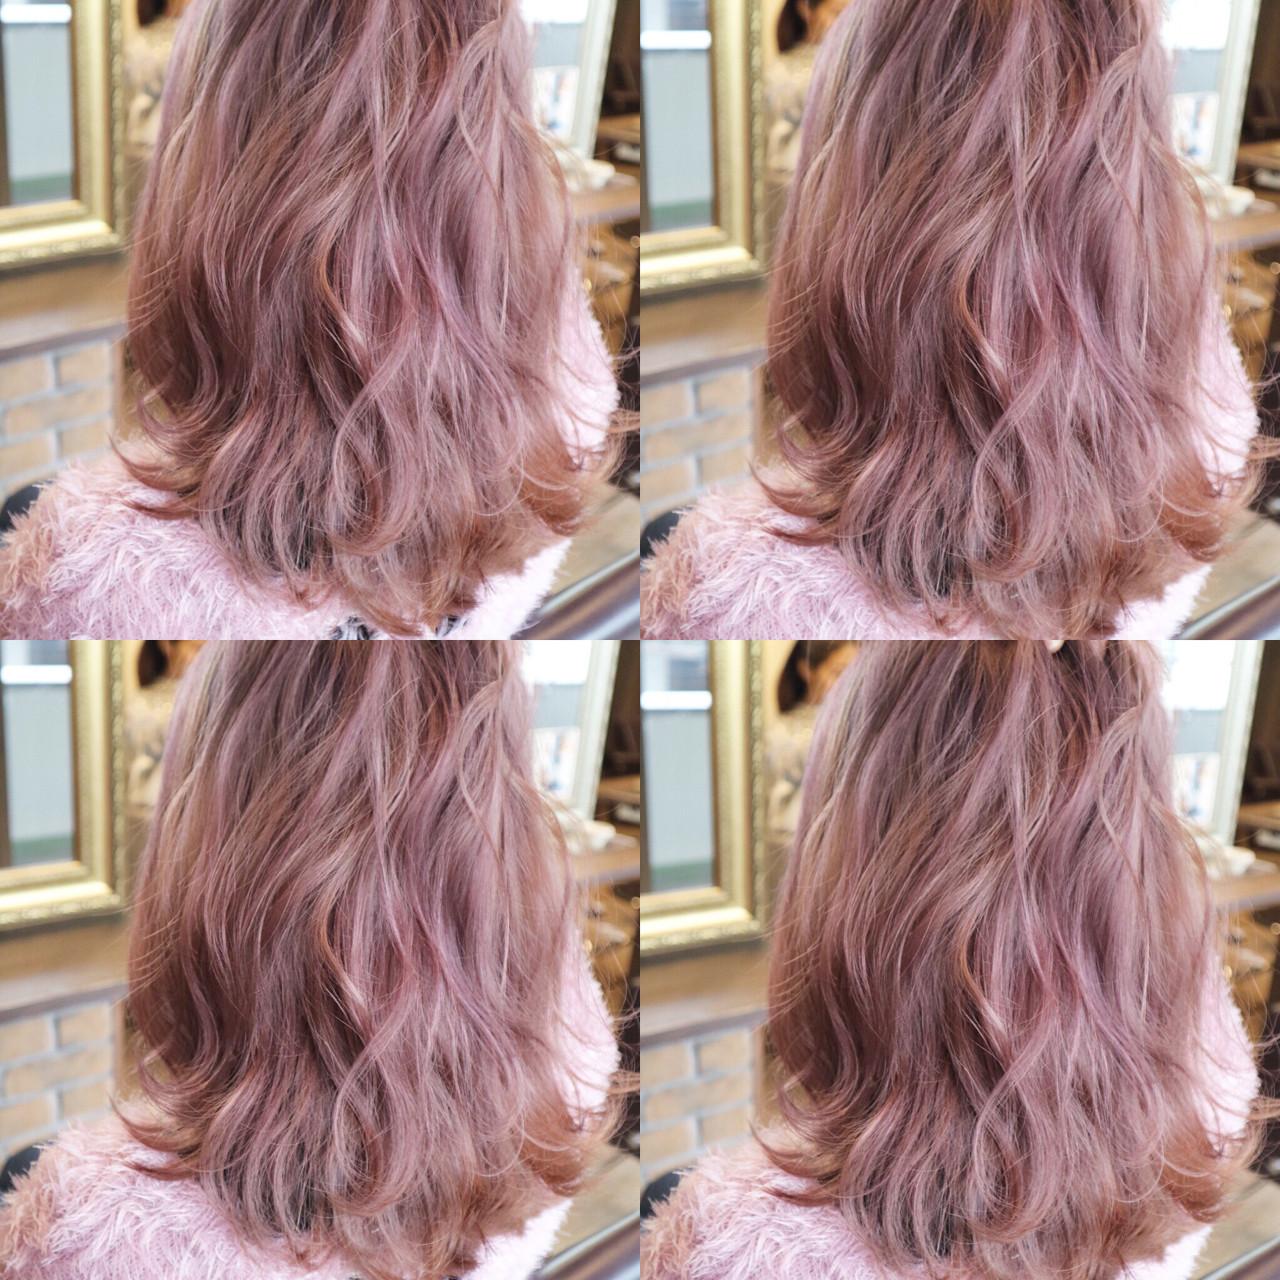 ✨ピンクグレージュ✨ 春にオススメカラー!!  ベース14レベル以上からピンクとシルバー系の色を塗布しました。